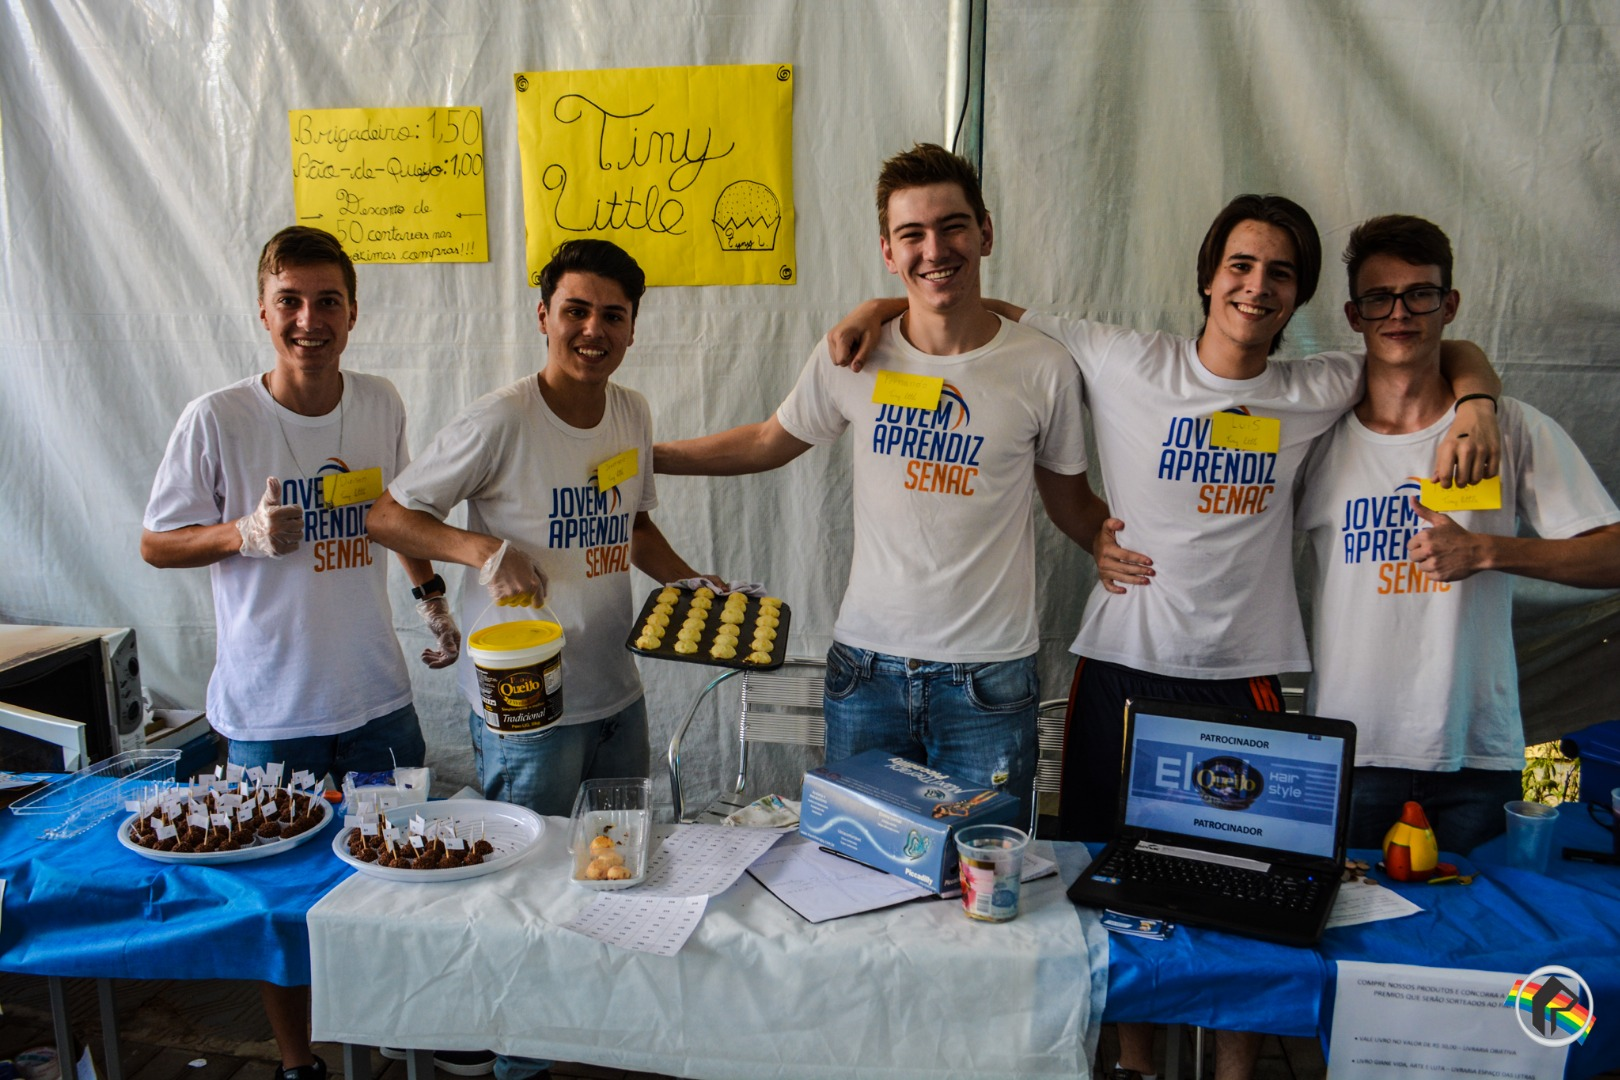 Faculdade Senac promove a Cantina da Aprendizagem